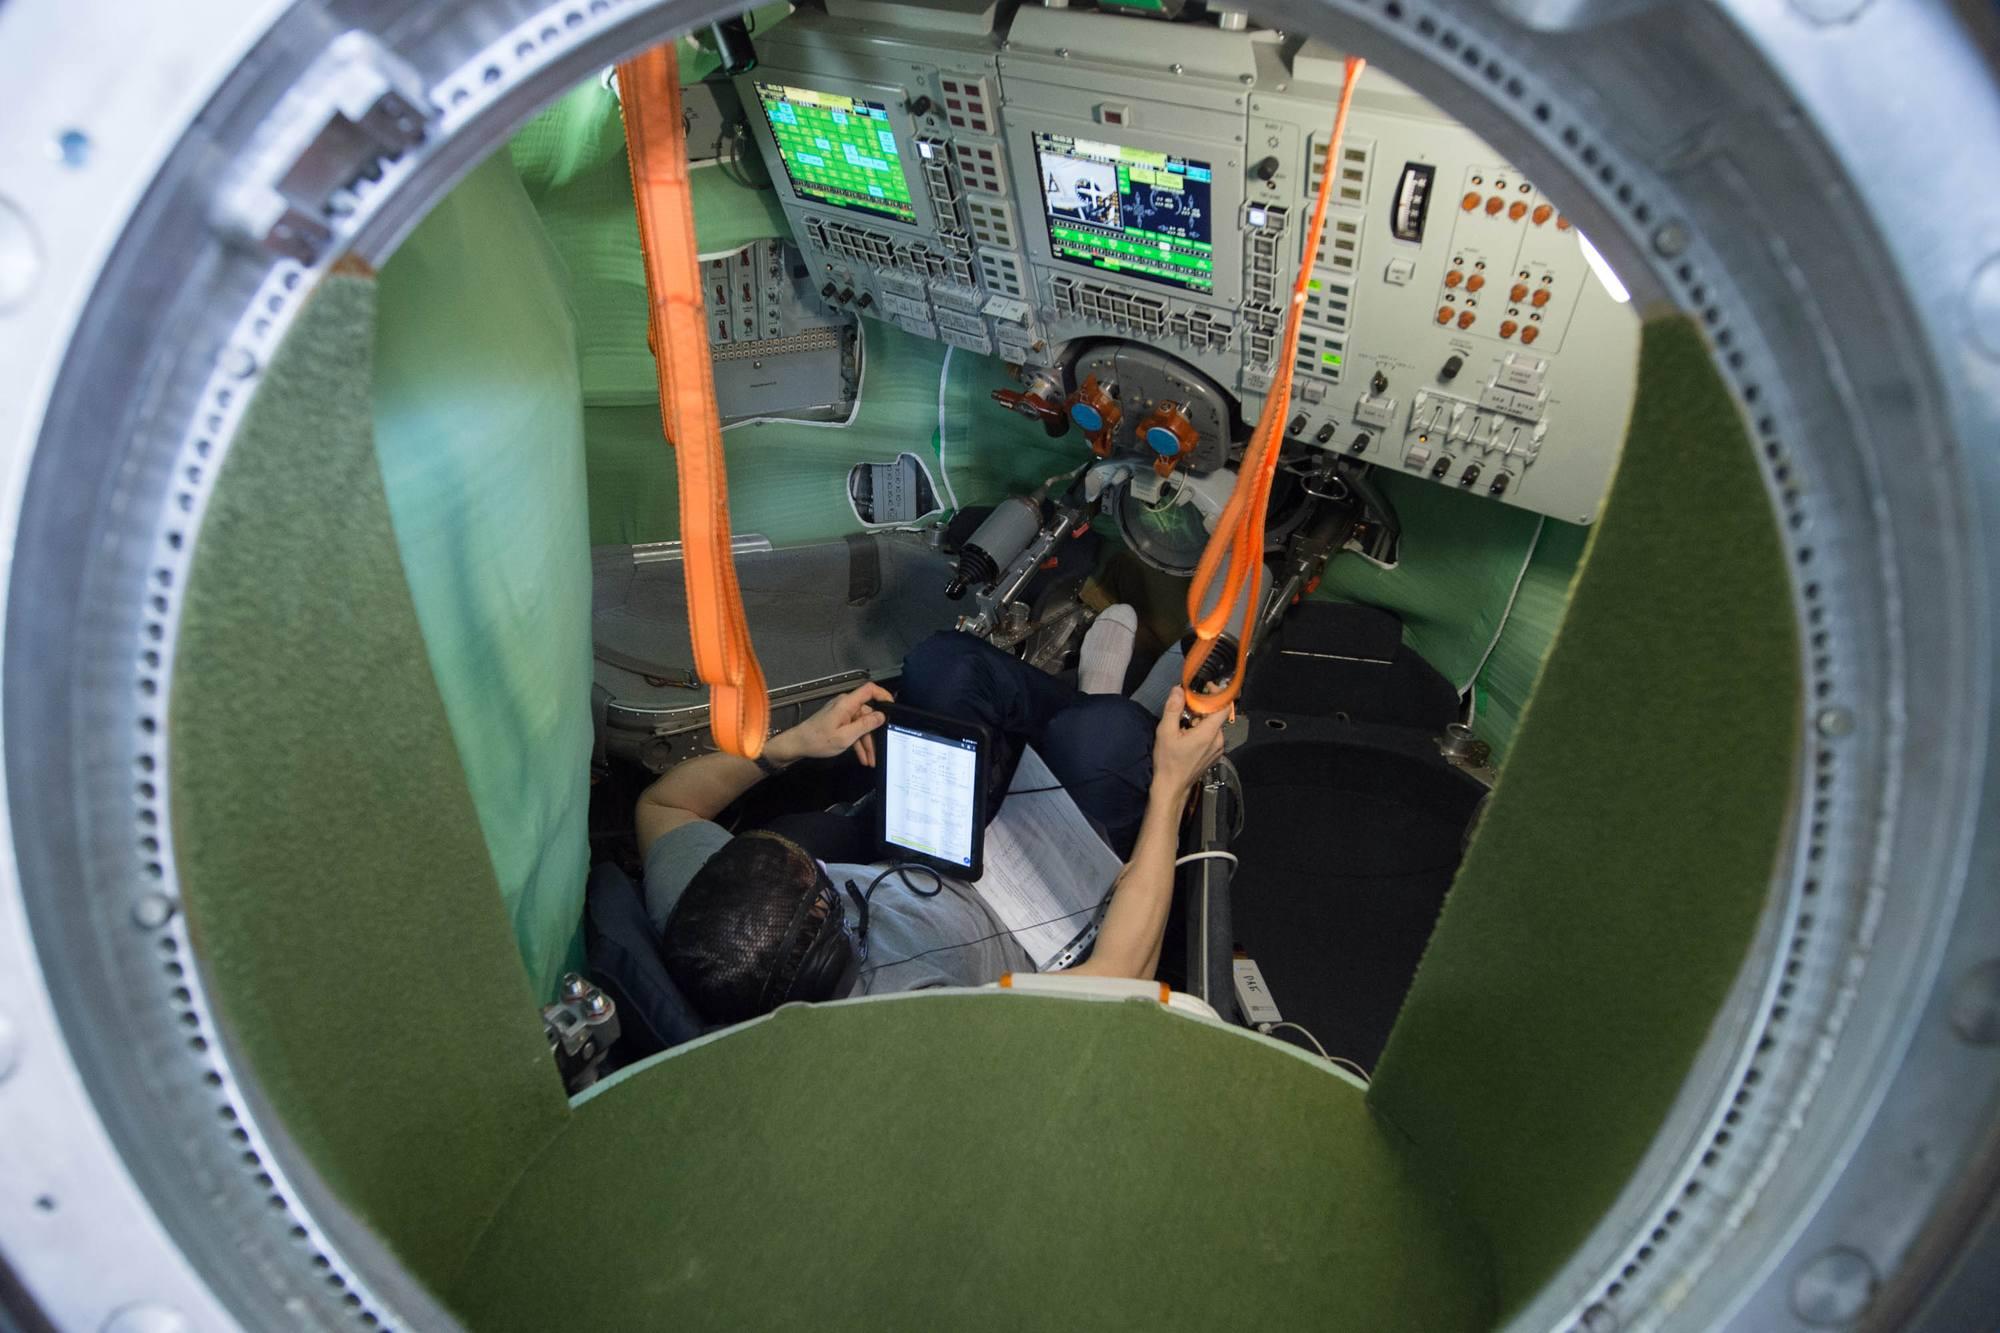 Après la centrifugeuse, le simulateur DON-Soyouz pour Sergueï Koud-Sverchkov.